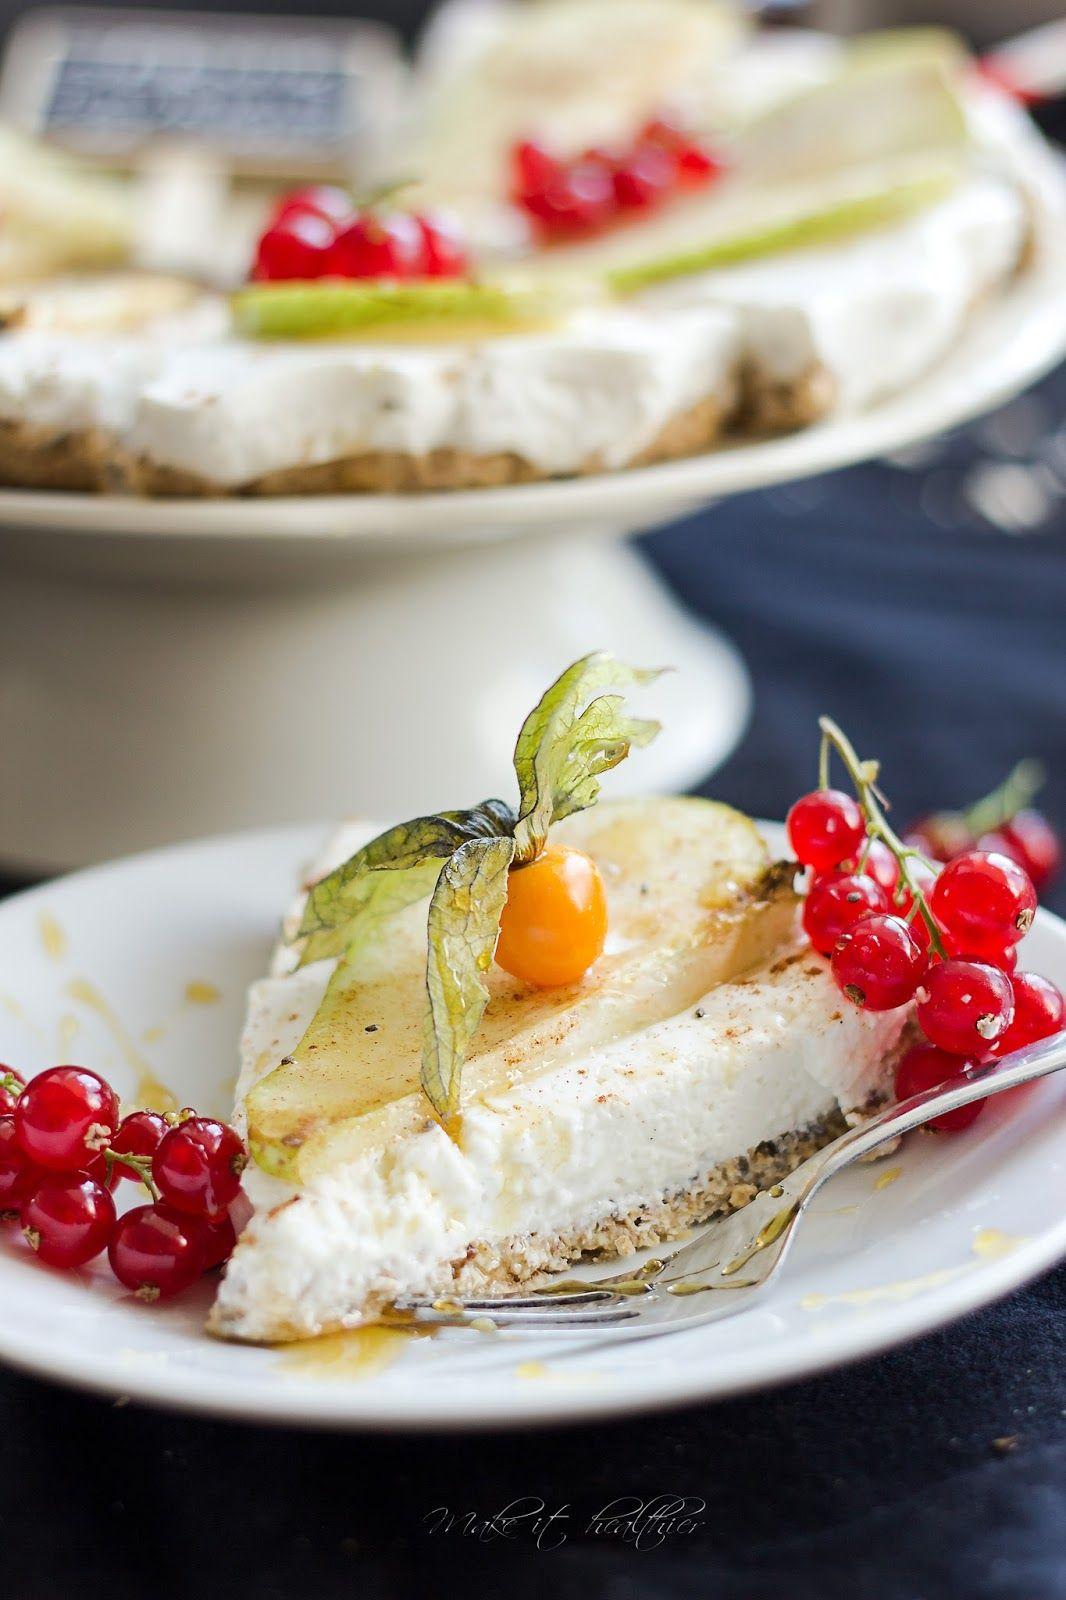 Make it healthier: Sernik jogurtowy na owsiano-daktylowym spodzie, podany z cynamonową gruszką w miodzie